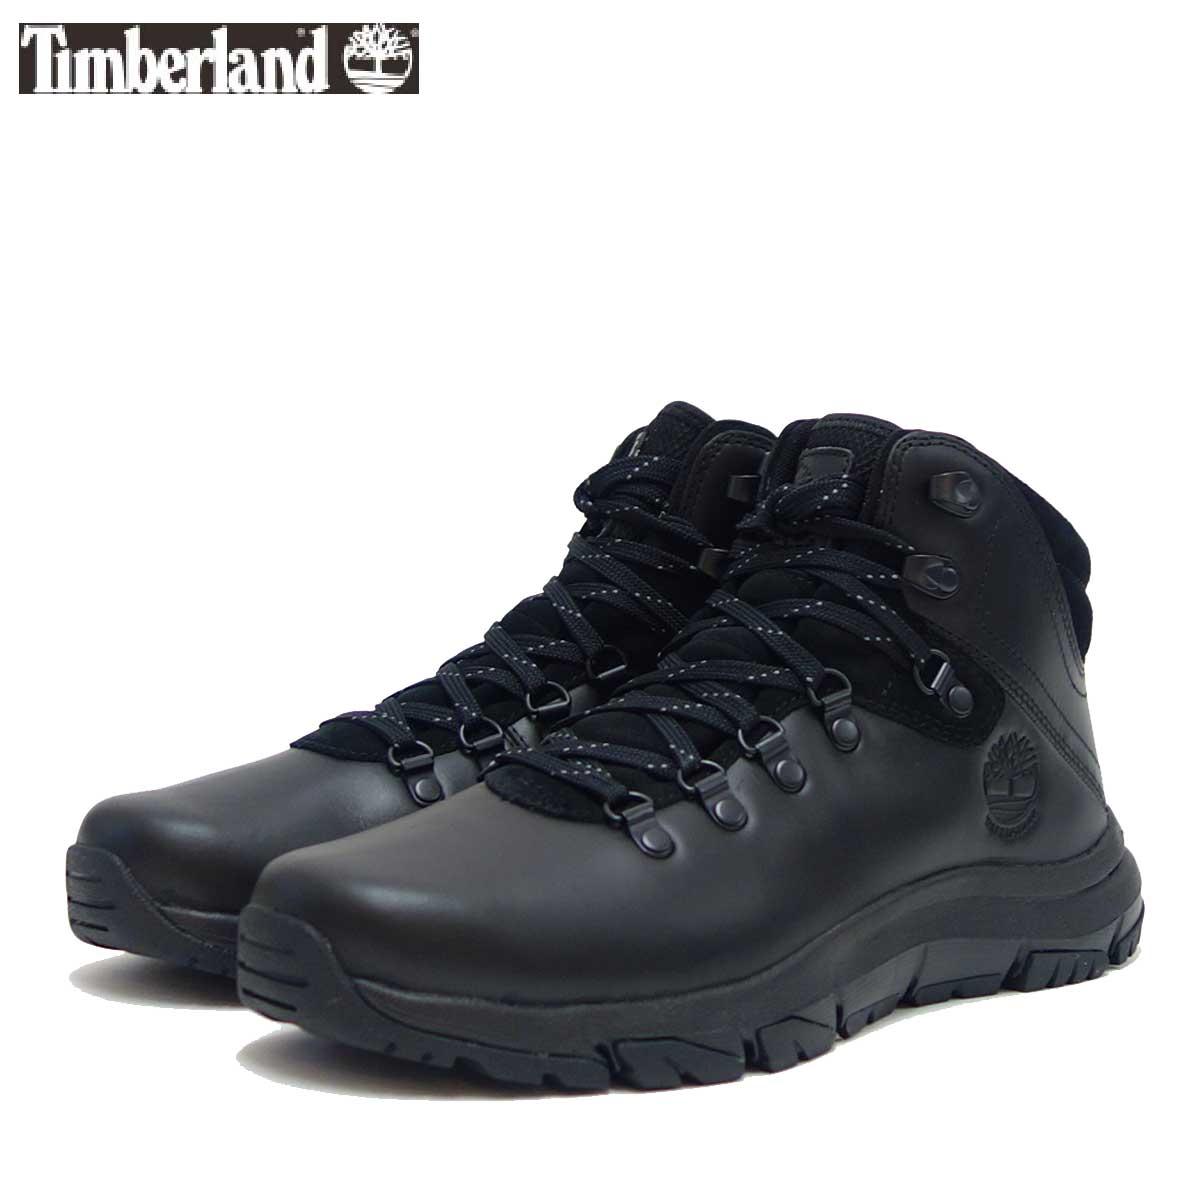 Timberland ティンバーランド a1zej ギャリソン フィールド ウォータープルーフ ミッド ハイカー (ブラック) 「靴」